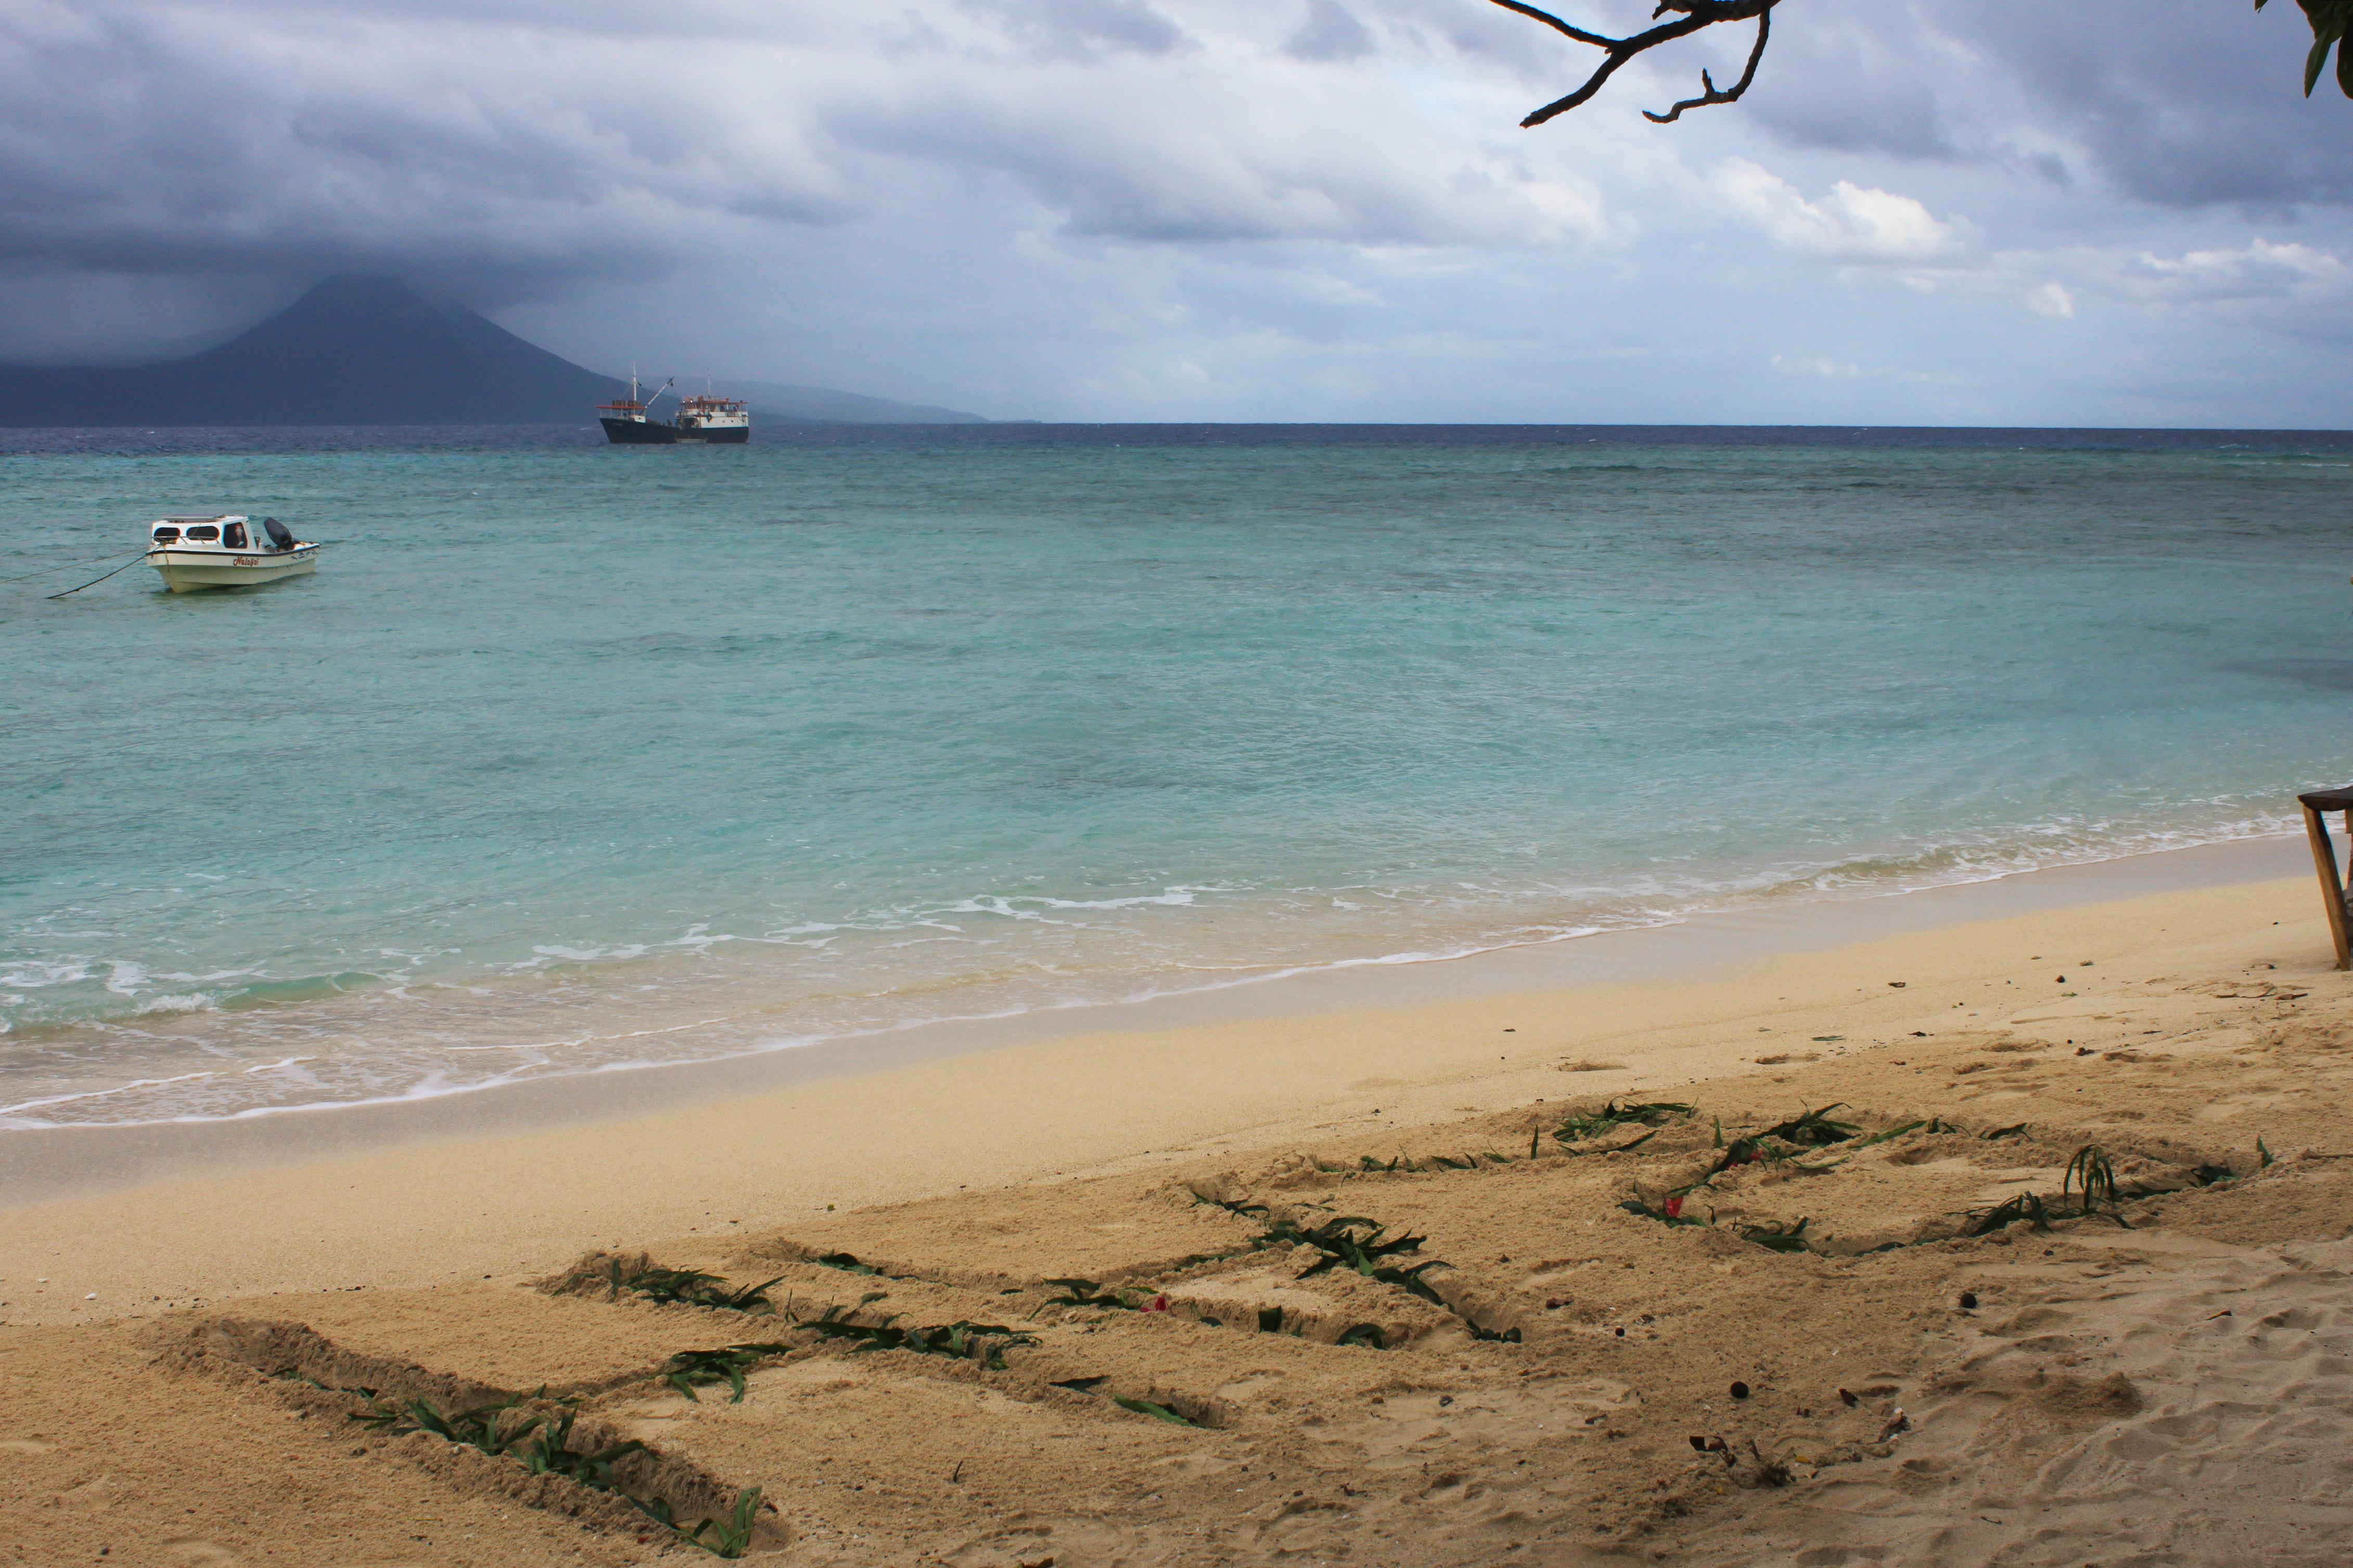 Rah Island